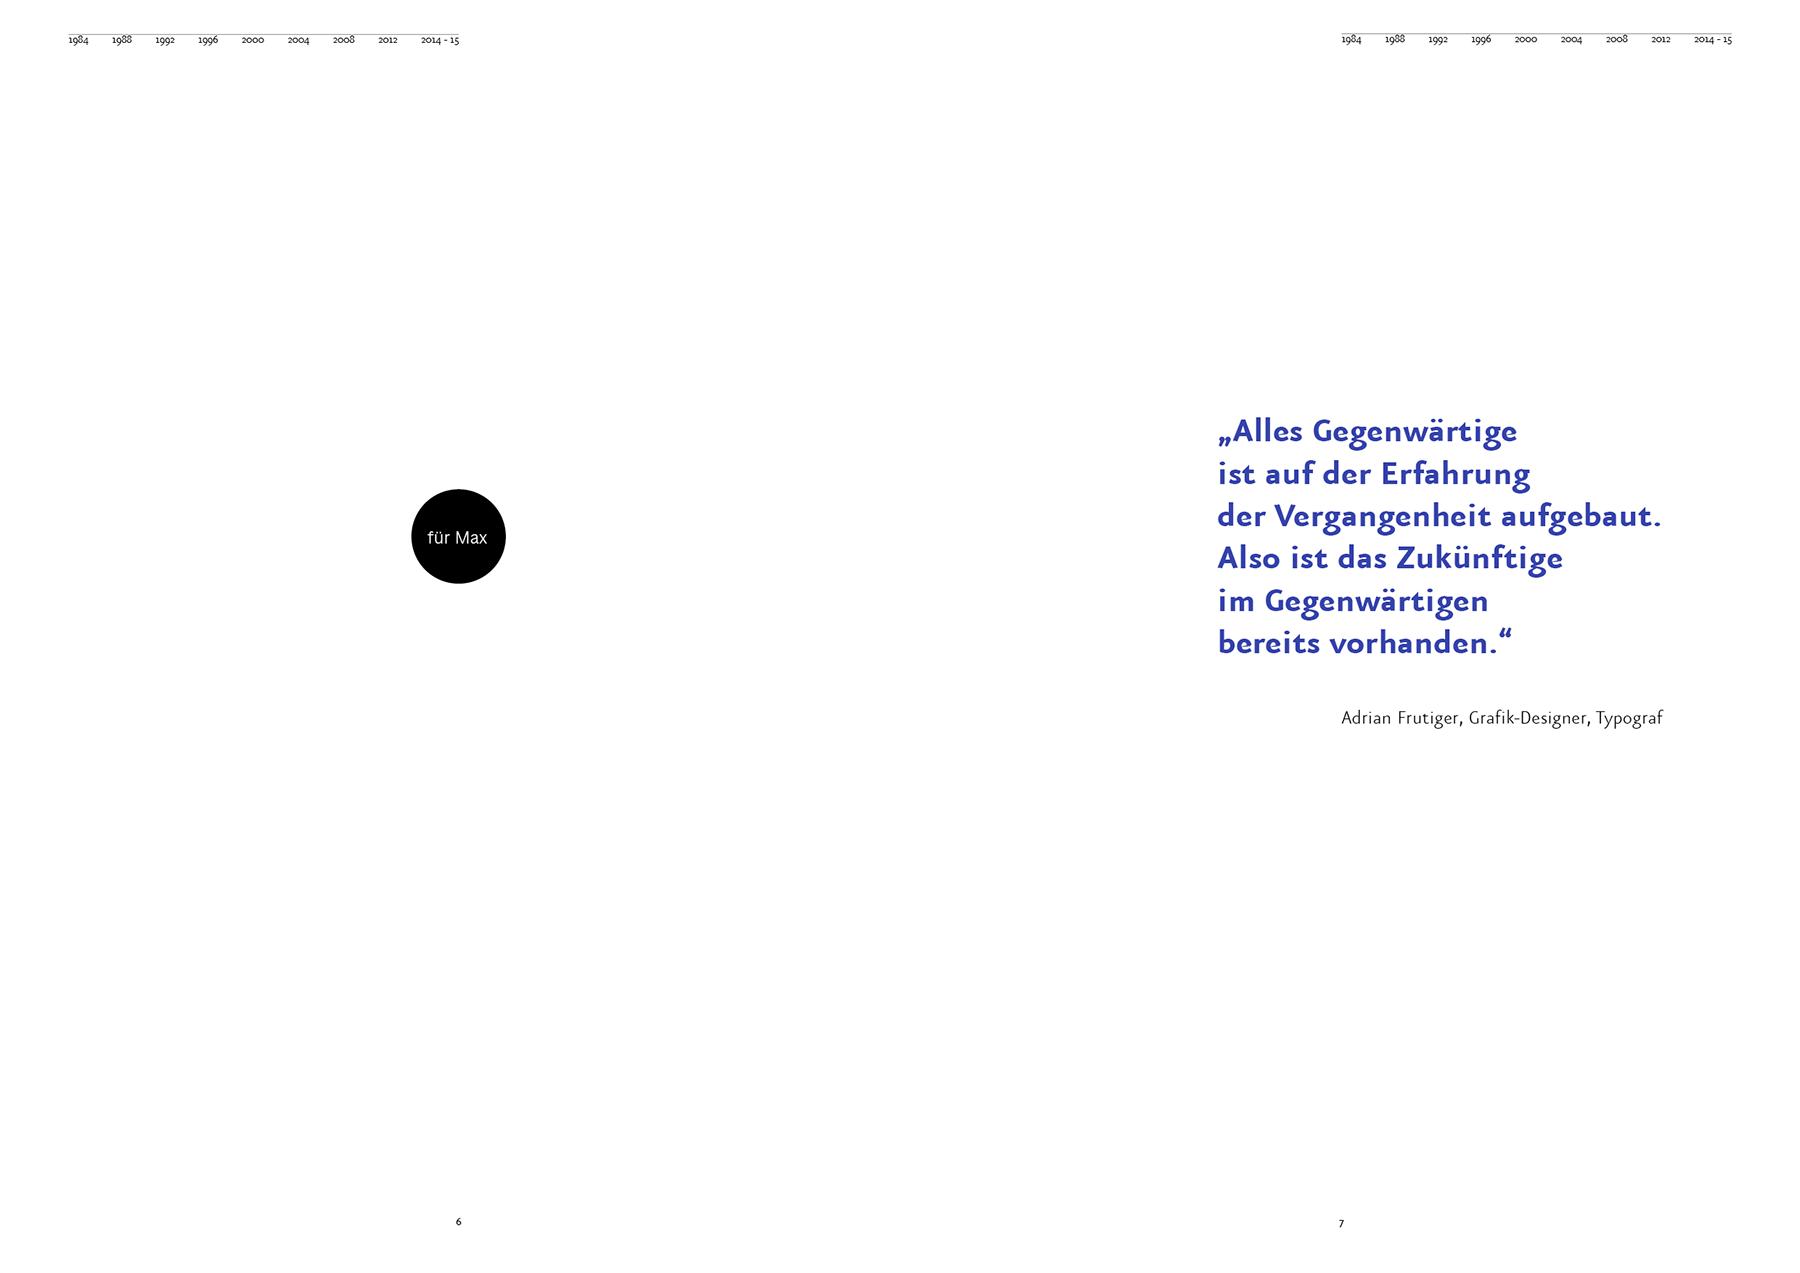 sabine-mescher-sichtung-designbilderbuch-fuer-max.png